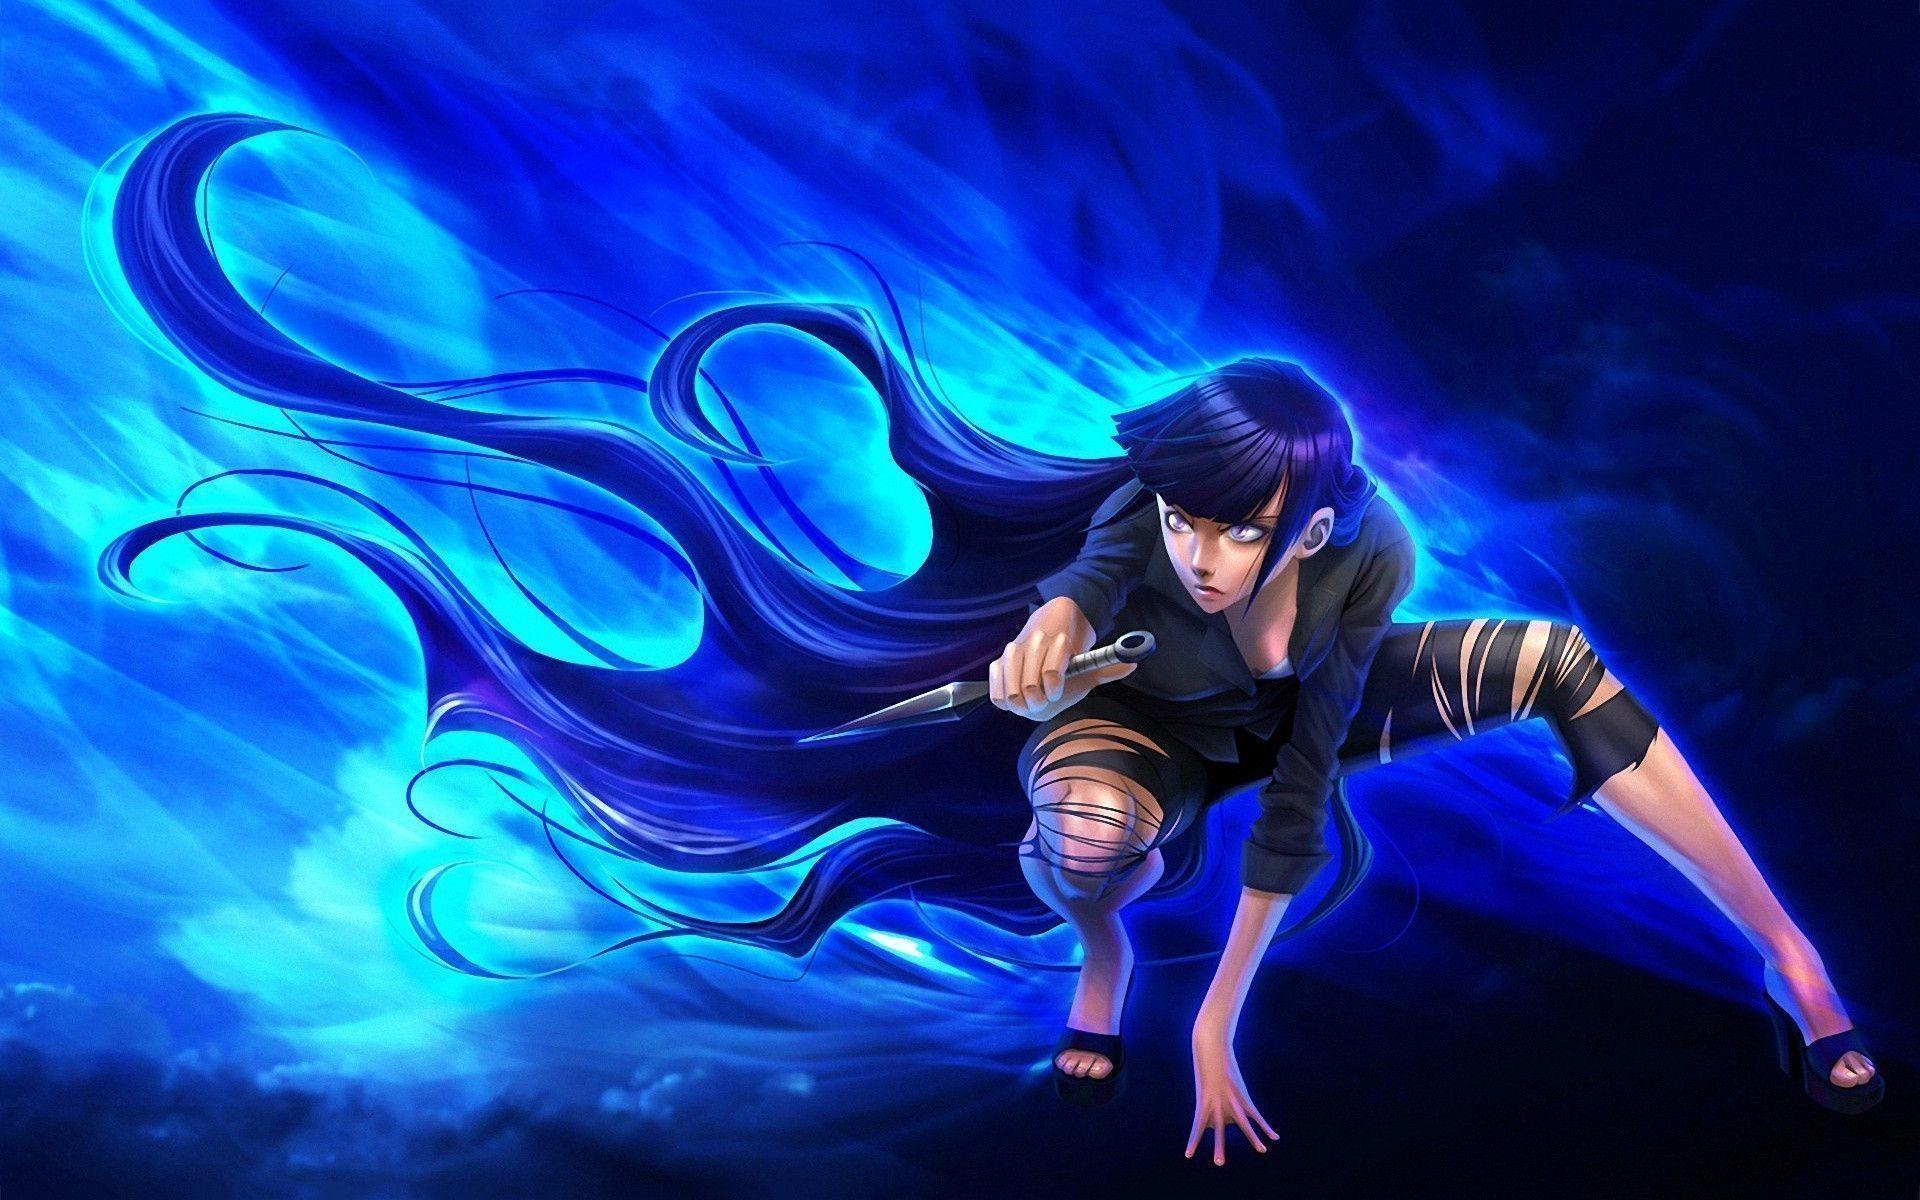 Love Wallpaper For Tablet: Naruto Love Hinata Wallpaper ·① WallpaperTag